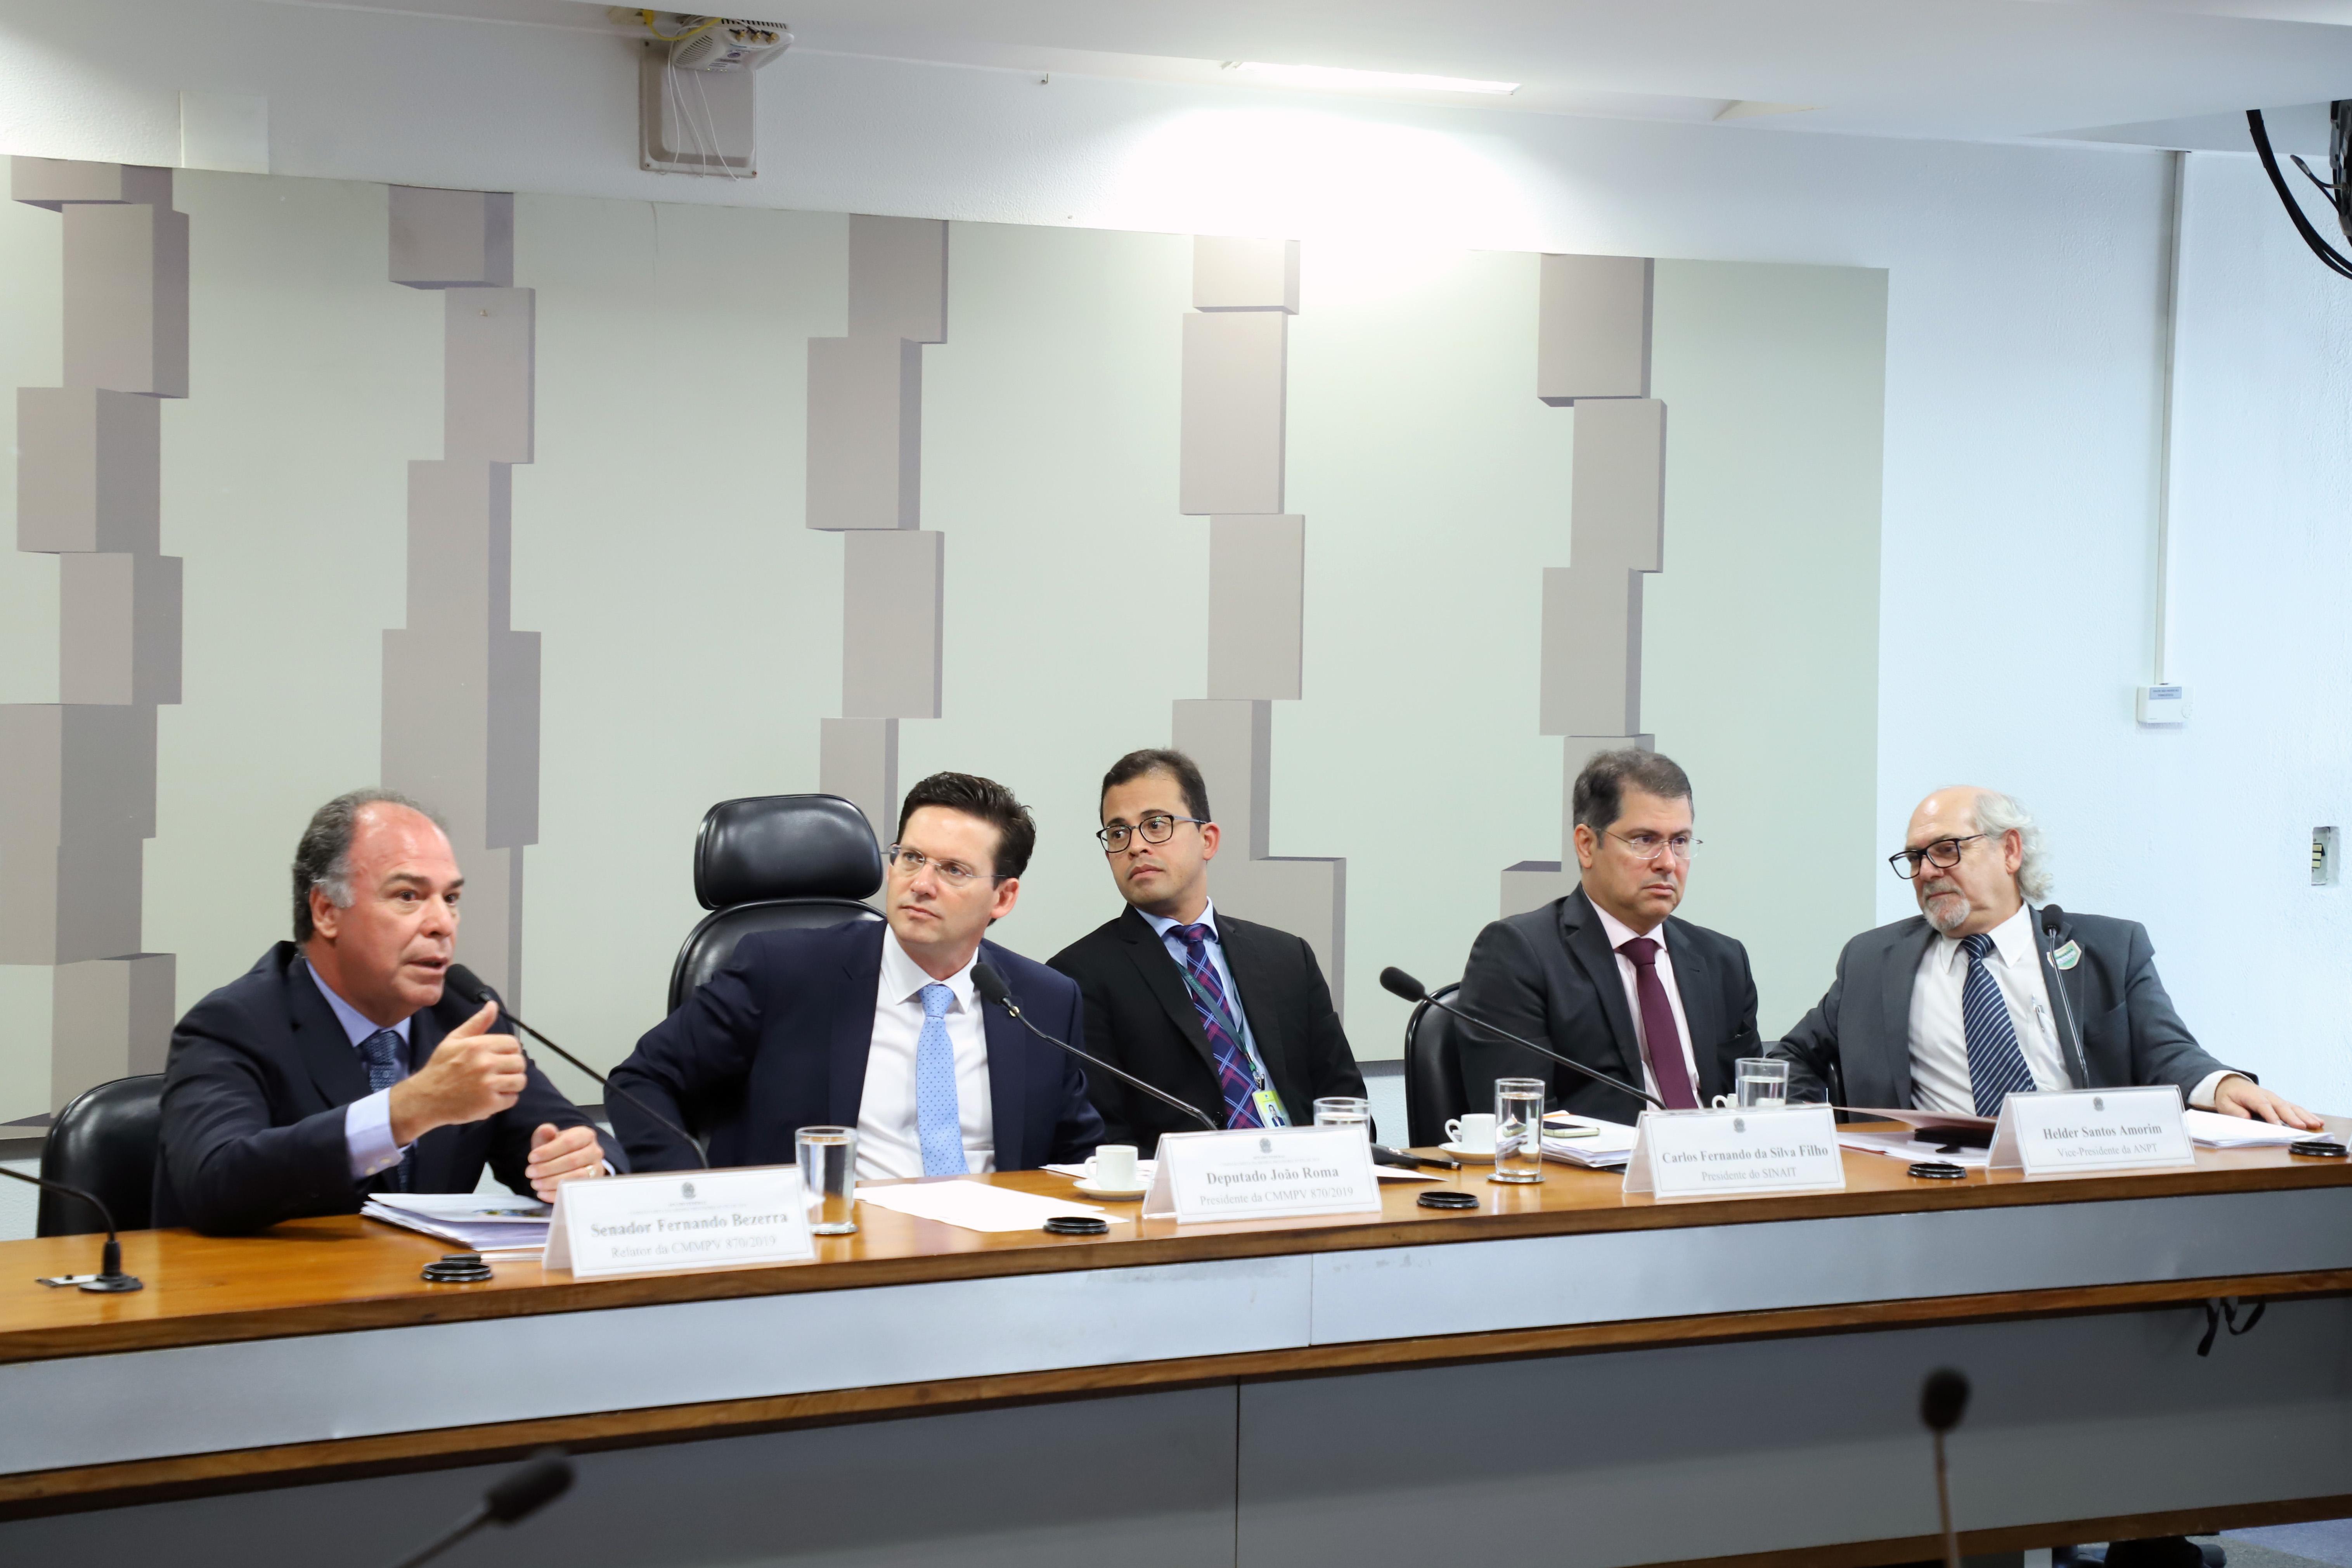 Comissão Mista sobre a MP 870/19, que estabelece a organização básica dos órgãos da Presidência da República e dos Ministérios.